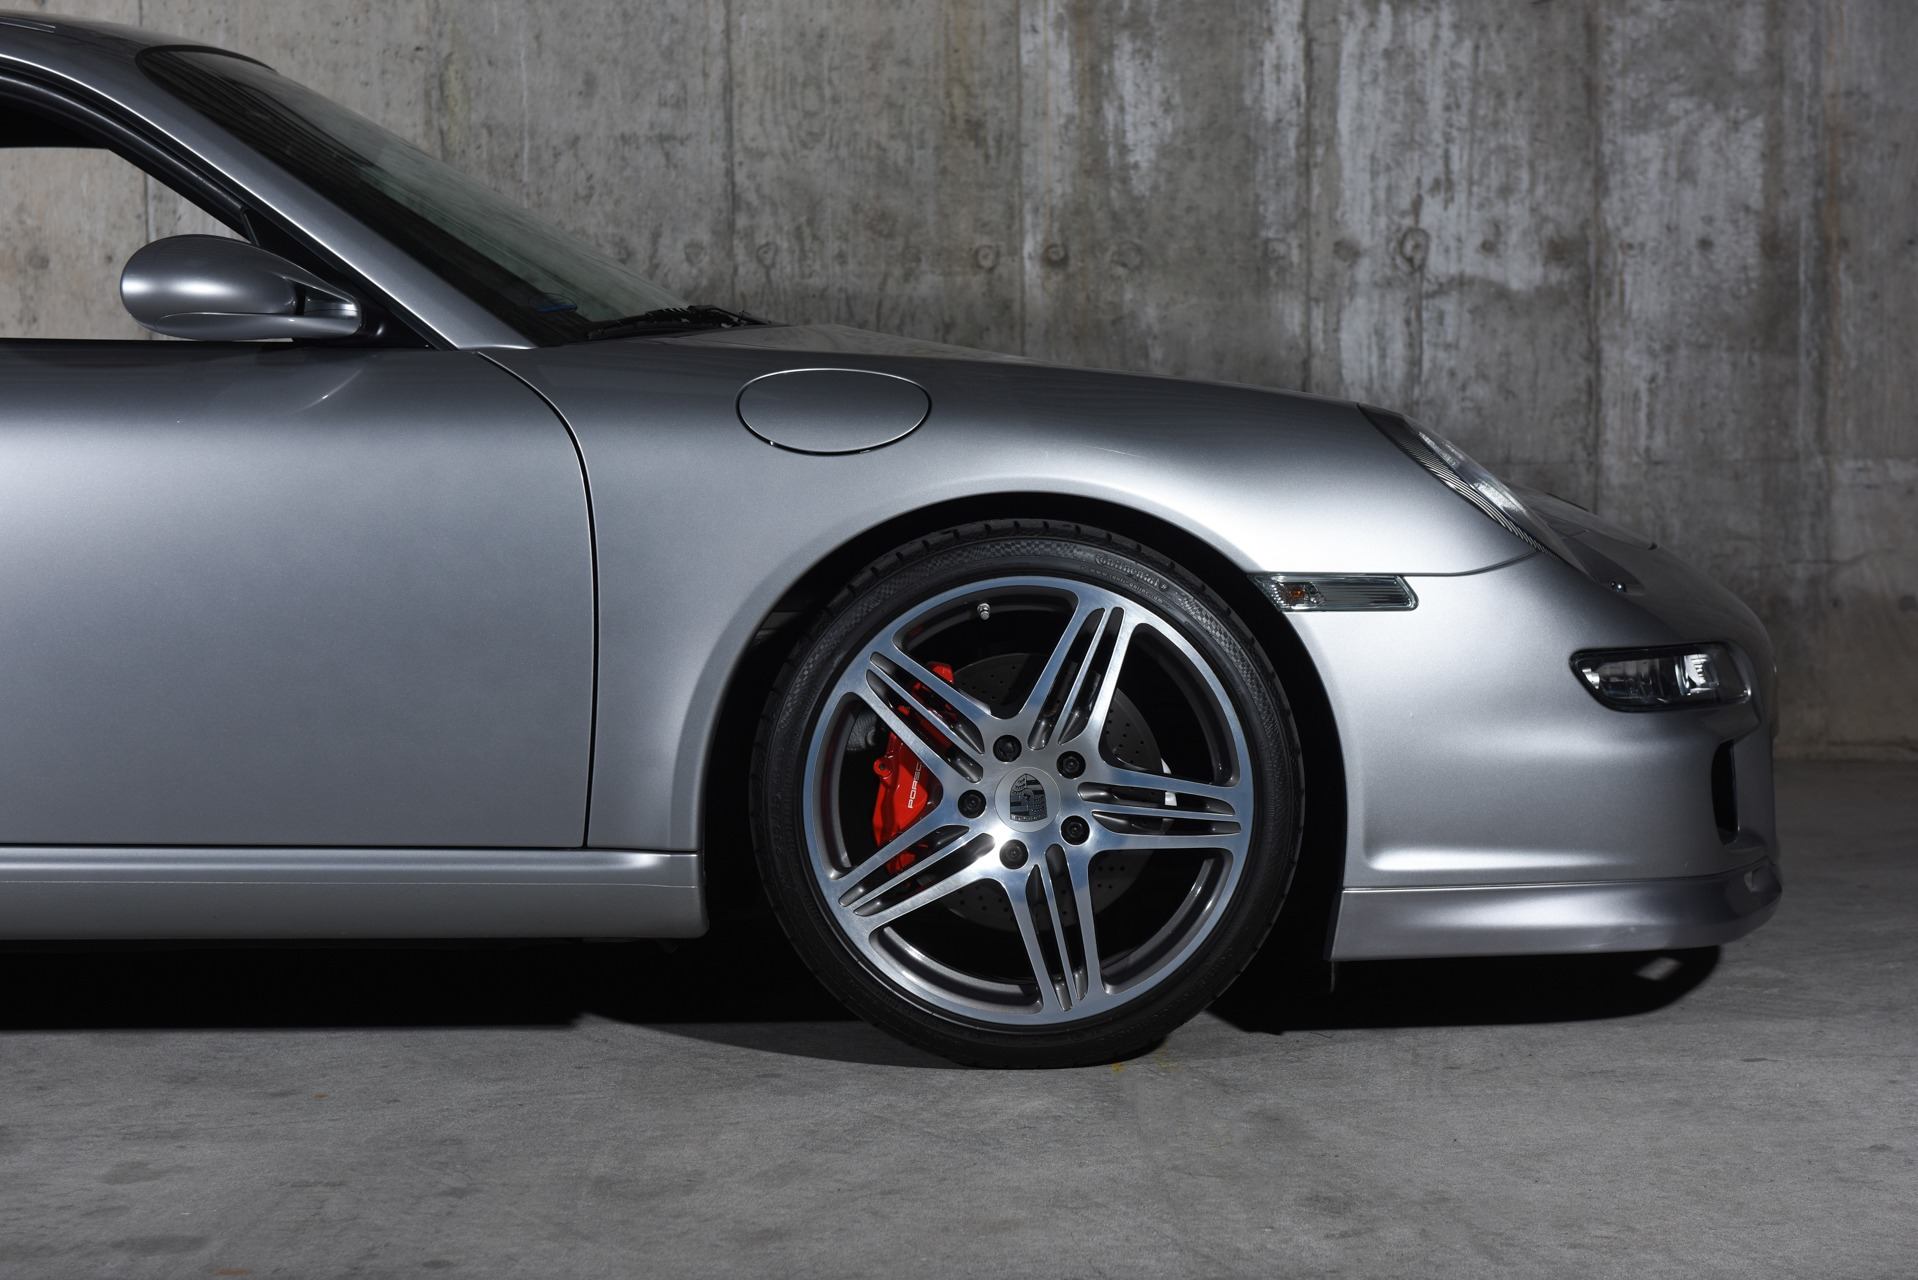 Used 2007 Porsche 911 Carrera S   Glen Cove, NY